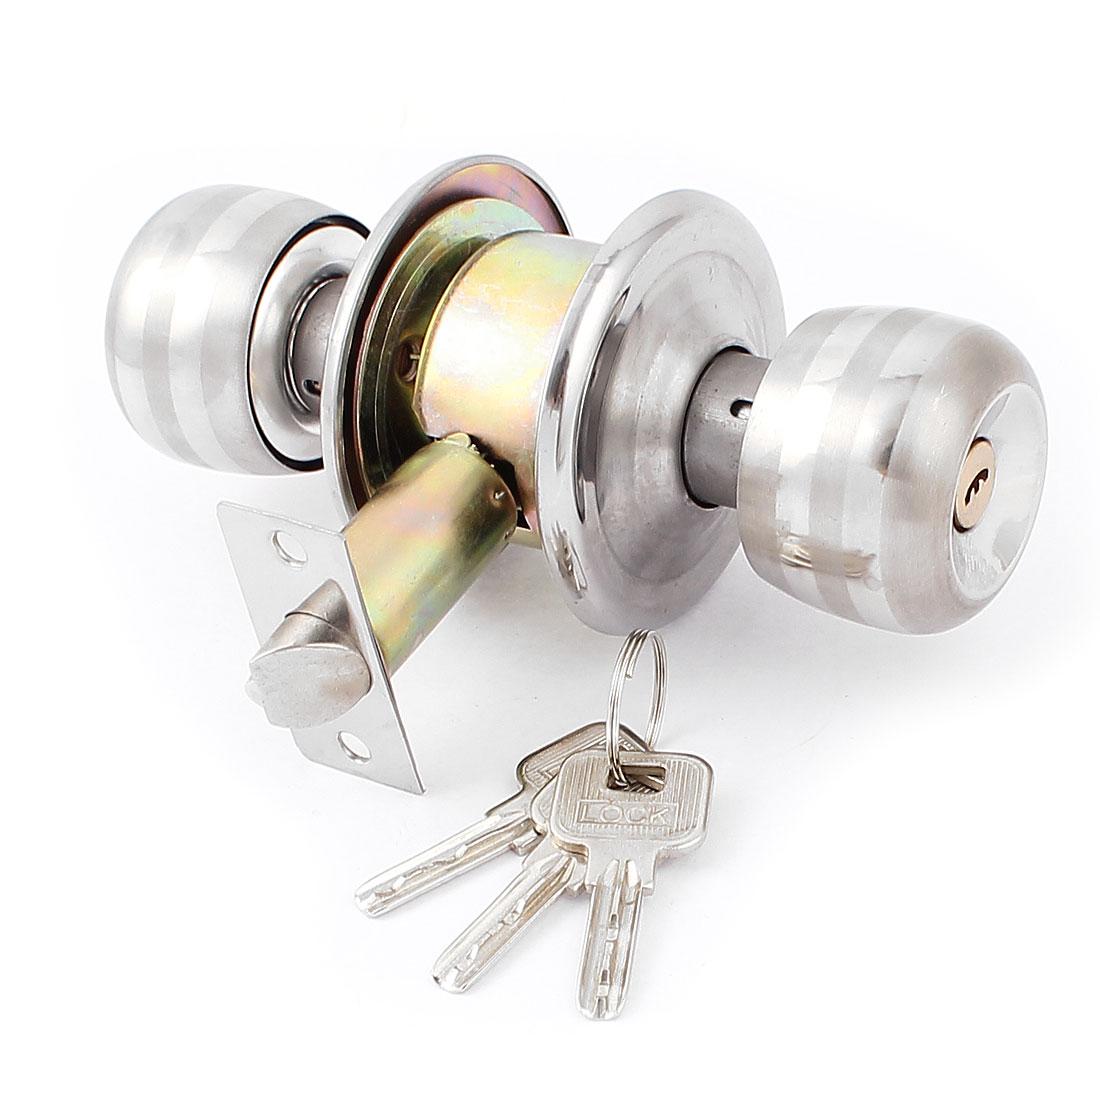 Bedroom Bathroom Round Knobs Door Knob Lock Locks Hardware w Keys